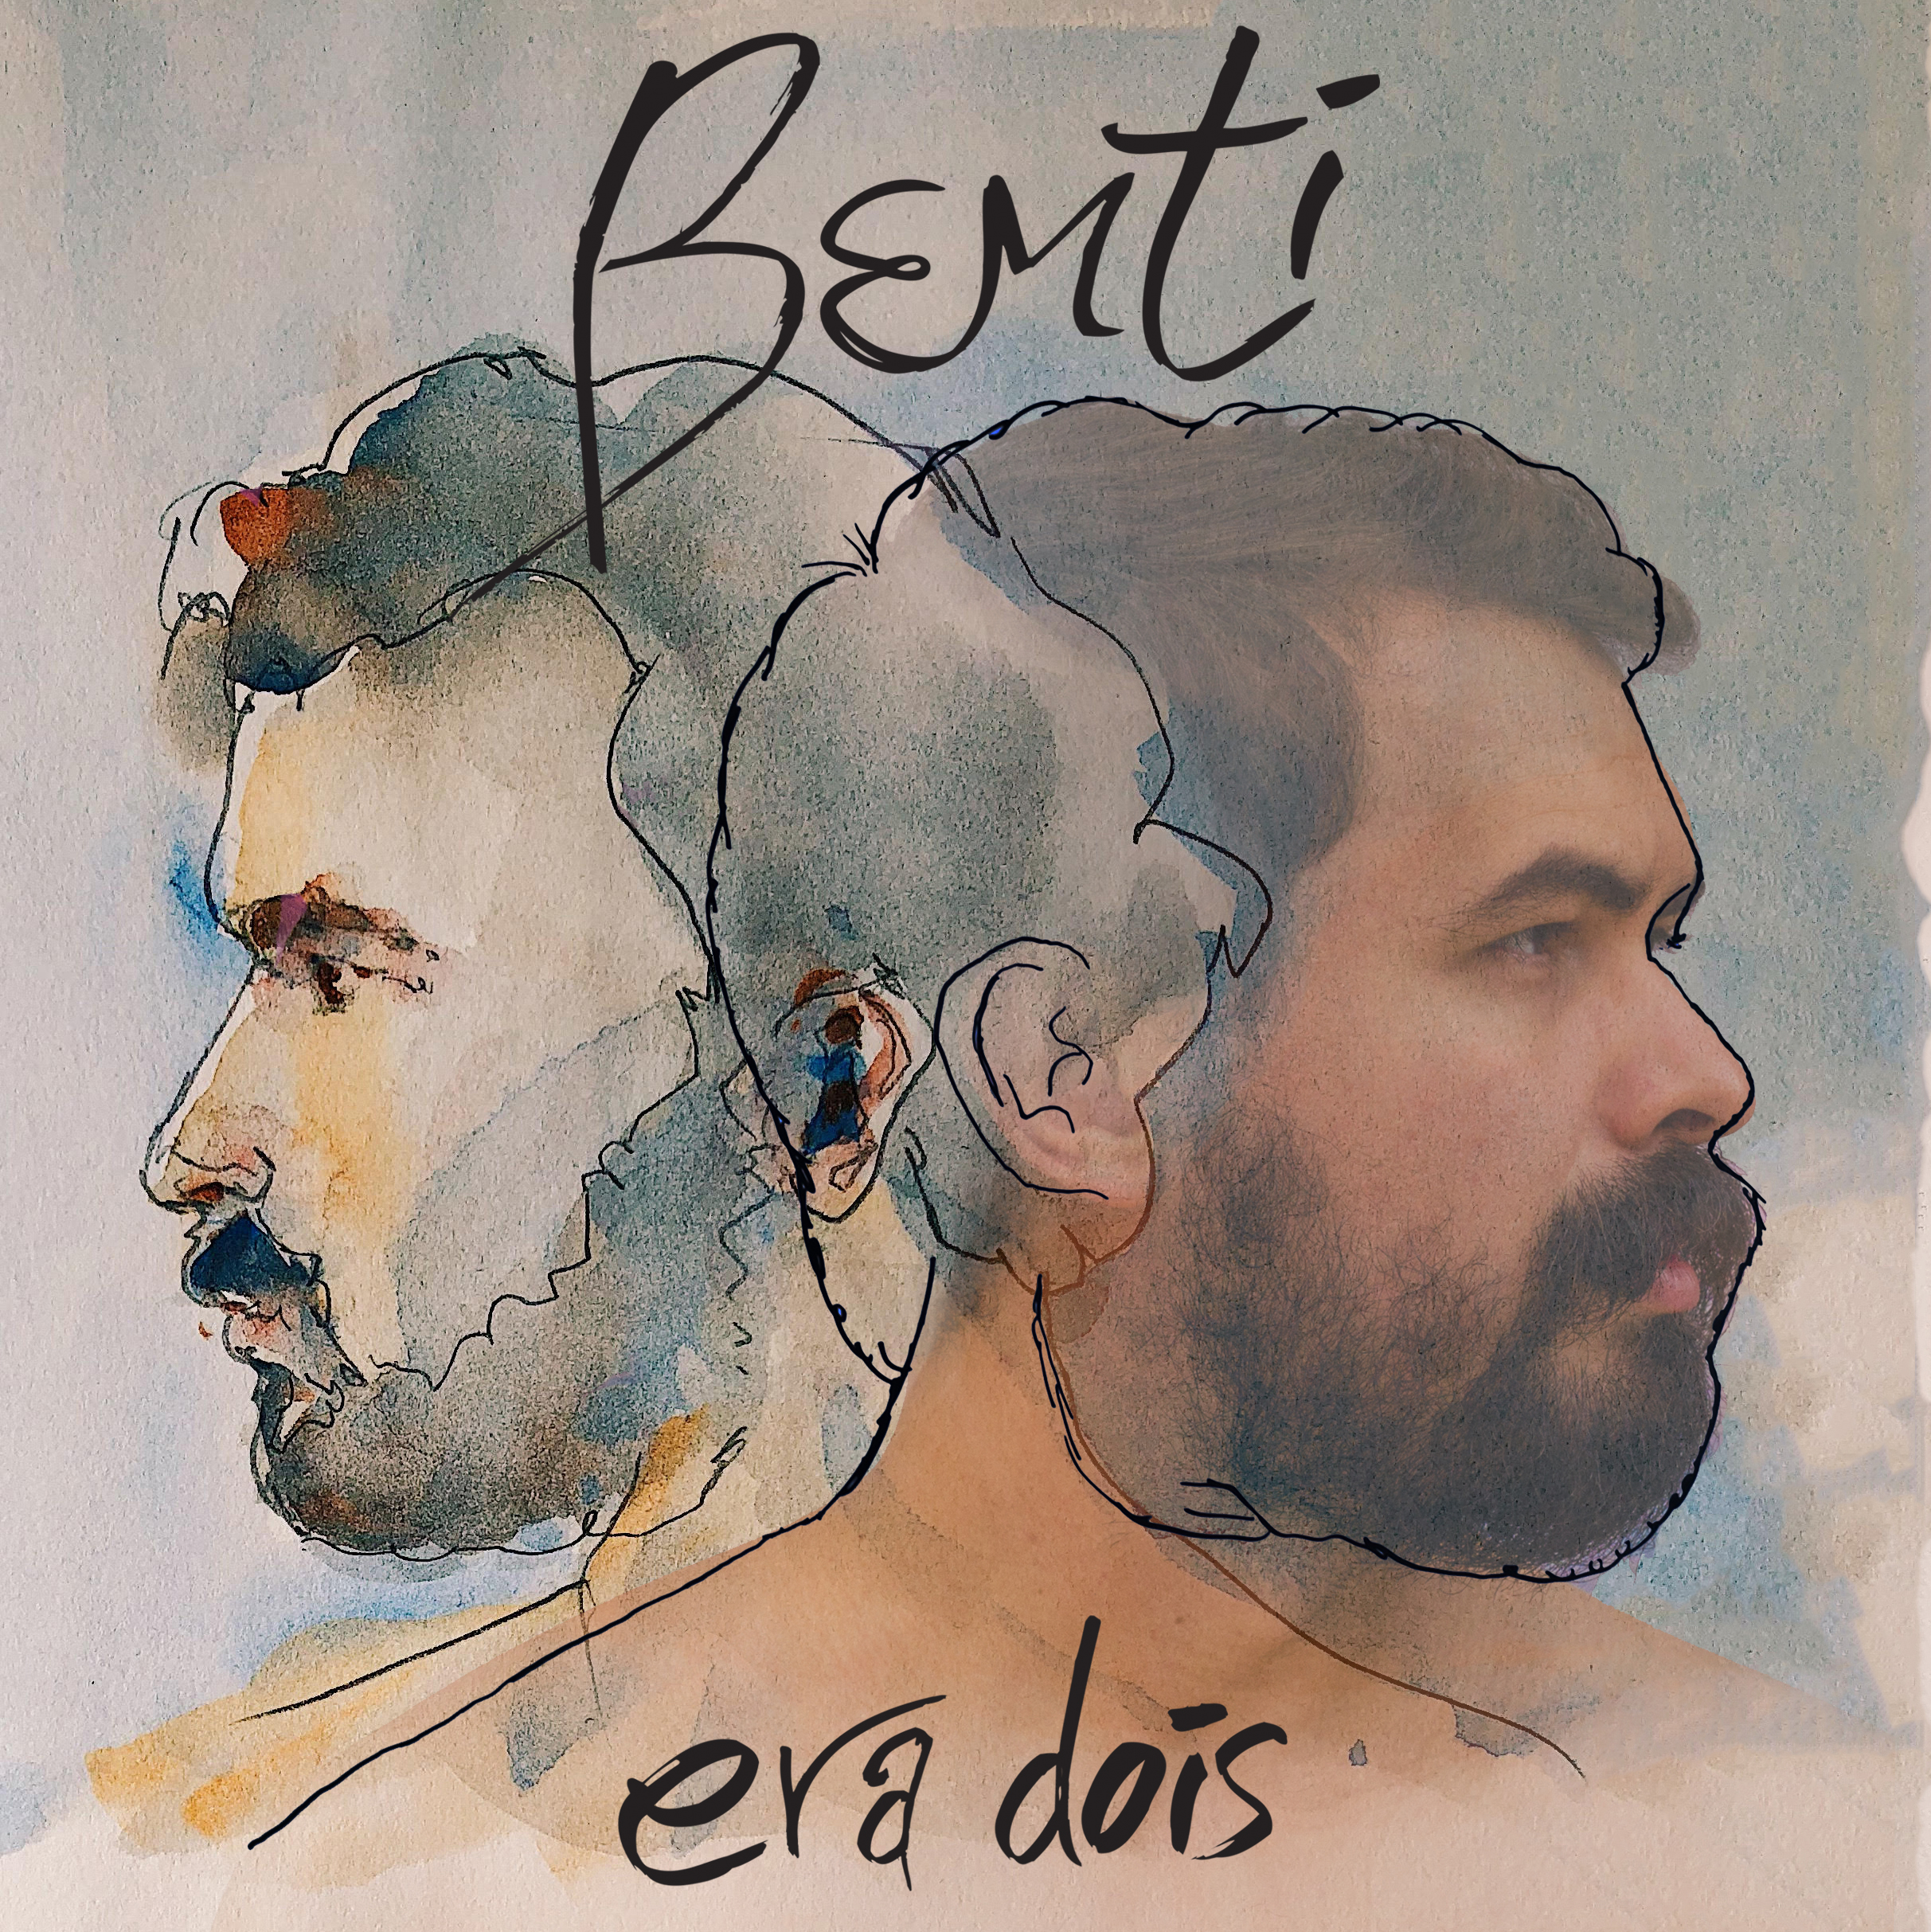 Bemti-eradois-full